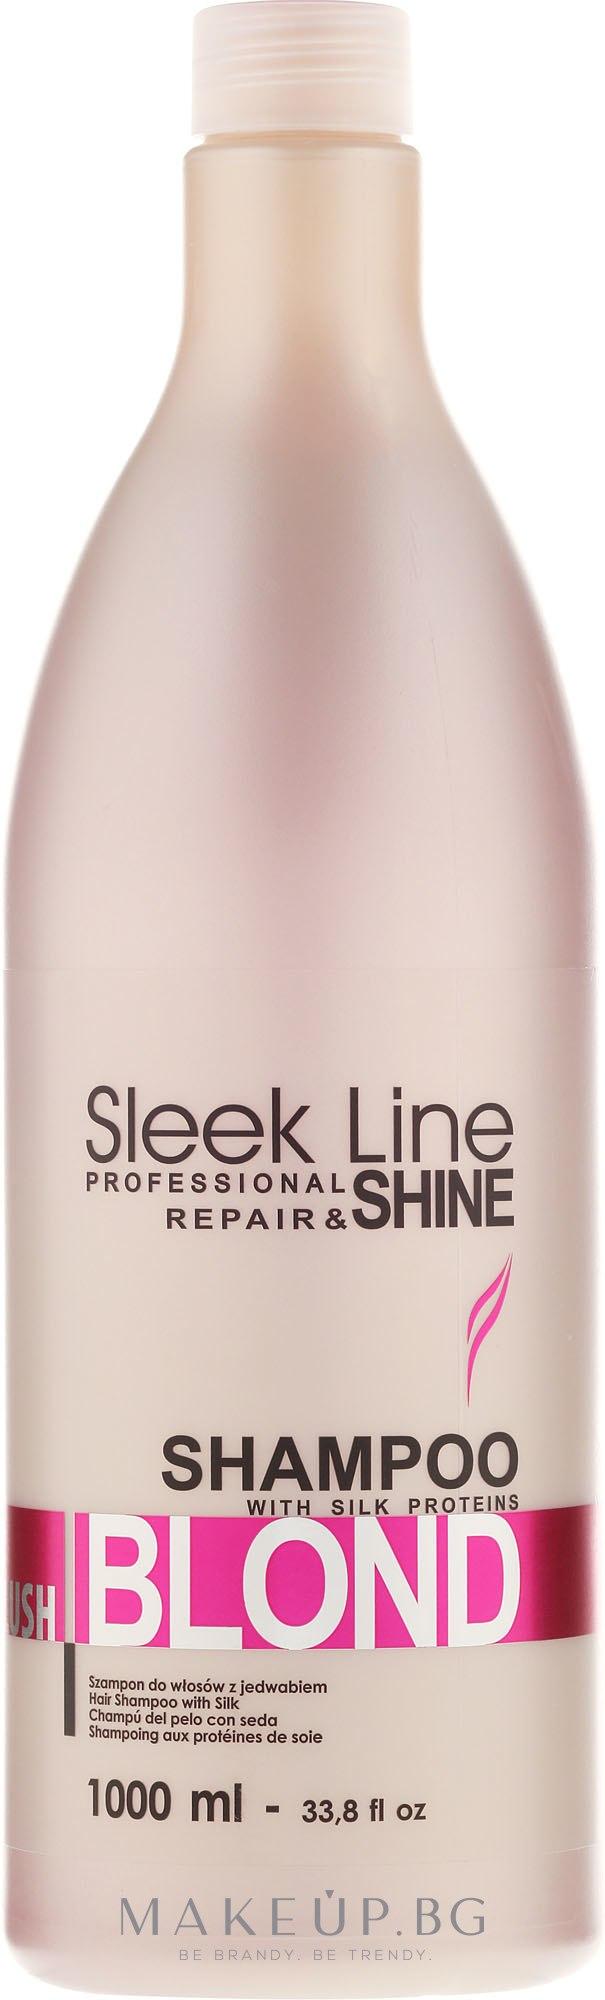 Шампоан за руса коса с розов нюанс - Stapiz Sleek Line Blush Blond Shampoo — снимка 1000 ml